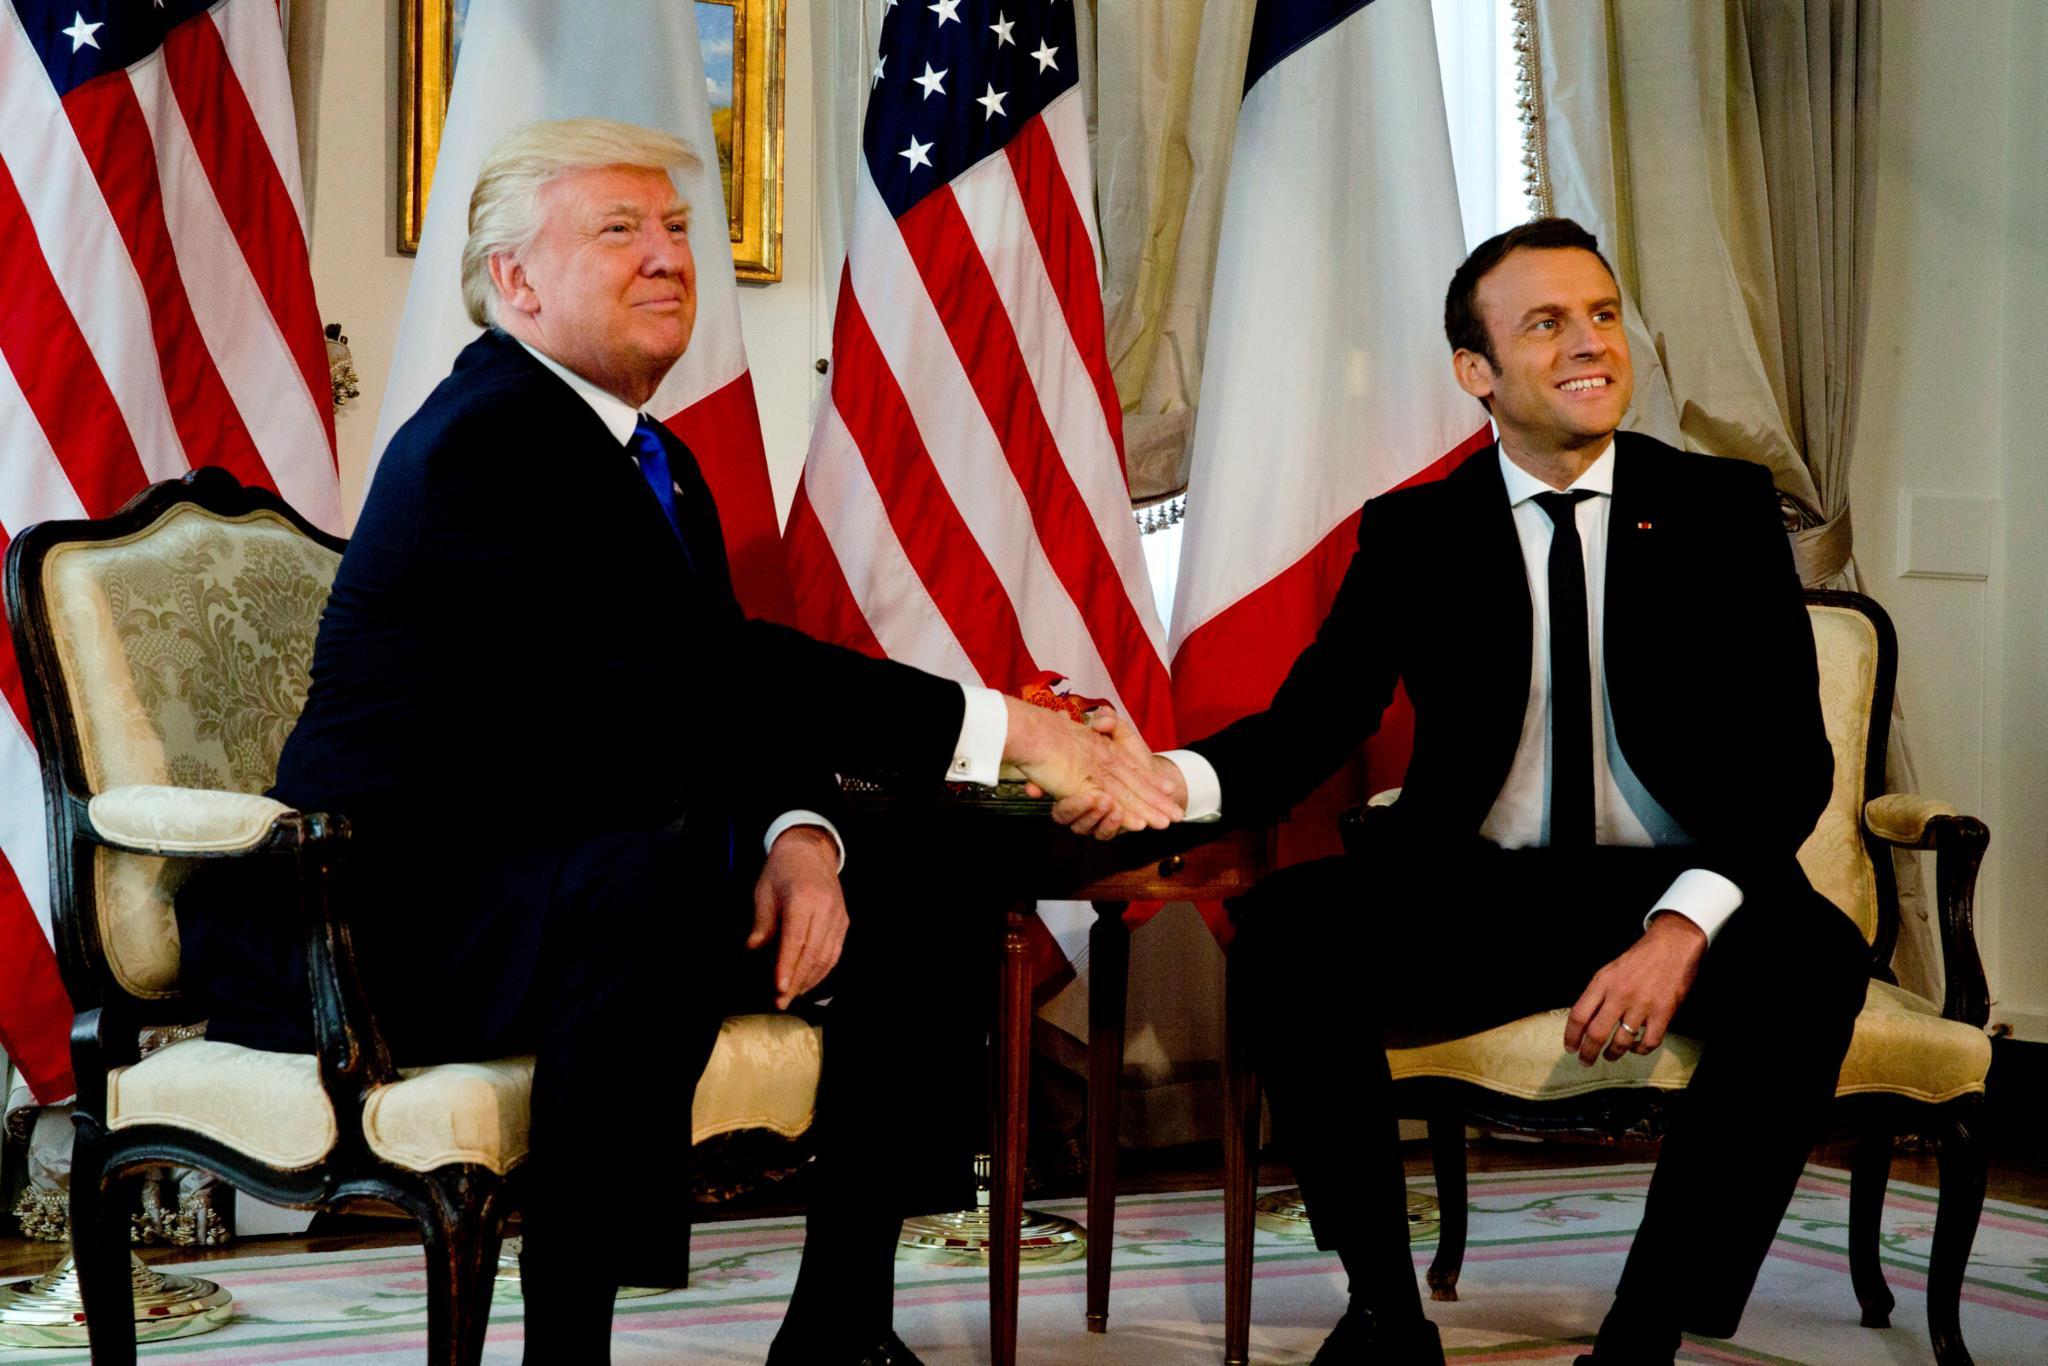 Emmanuel Macron vence Trump na sua própria batalha: os TrumpShakes